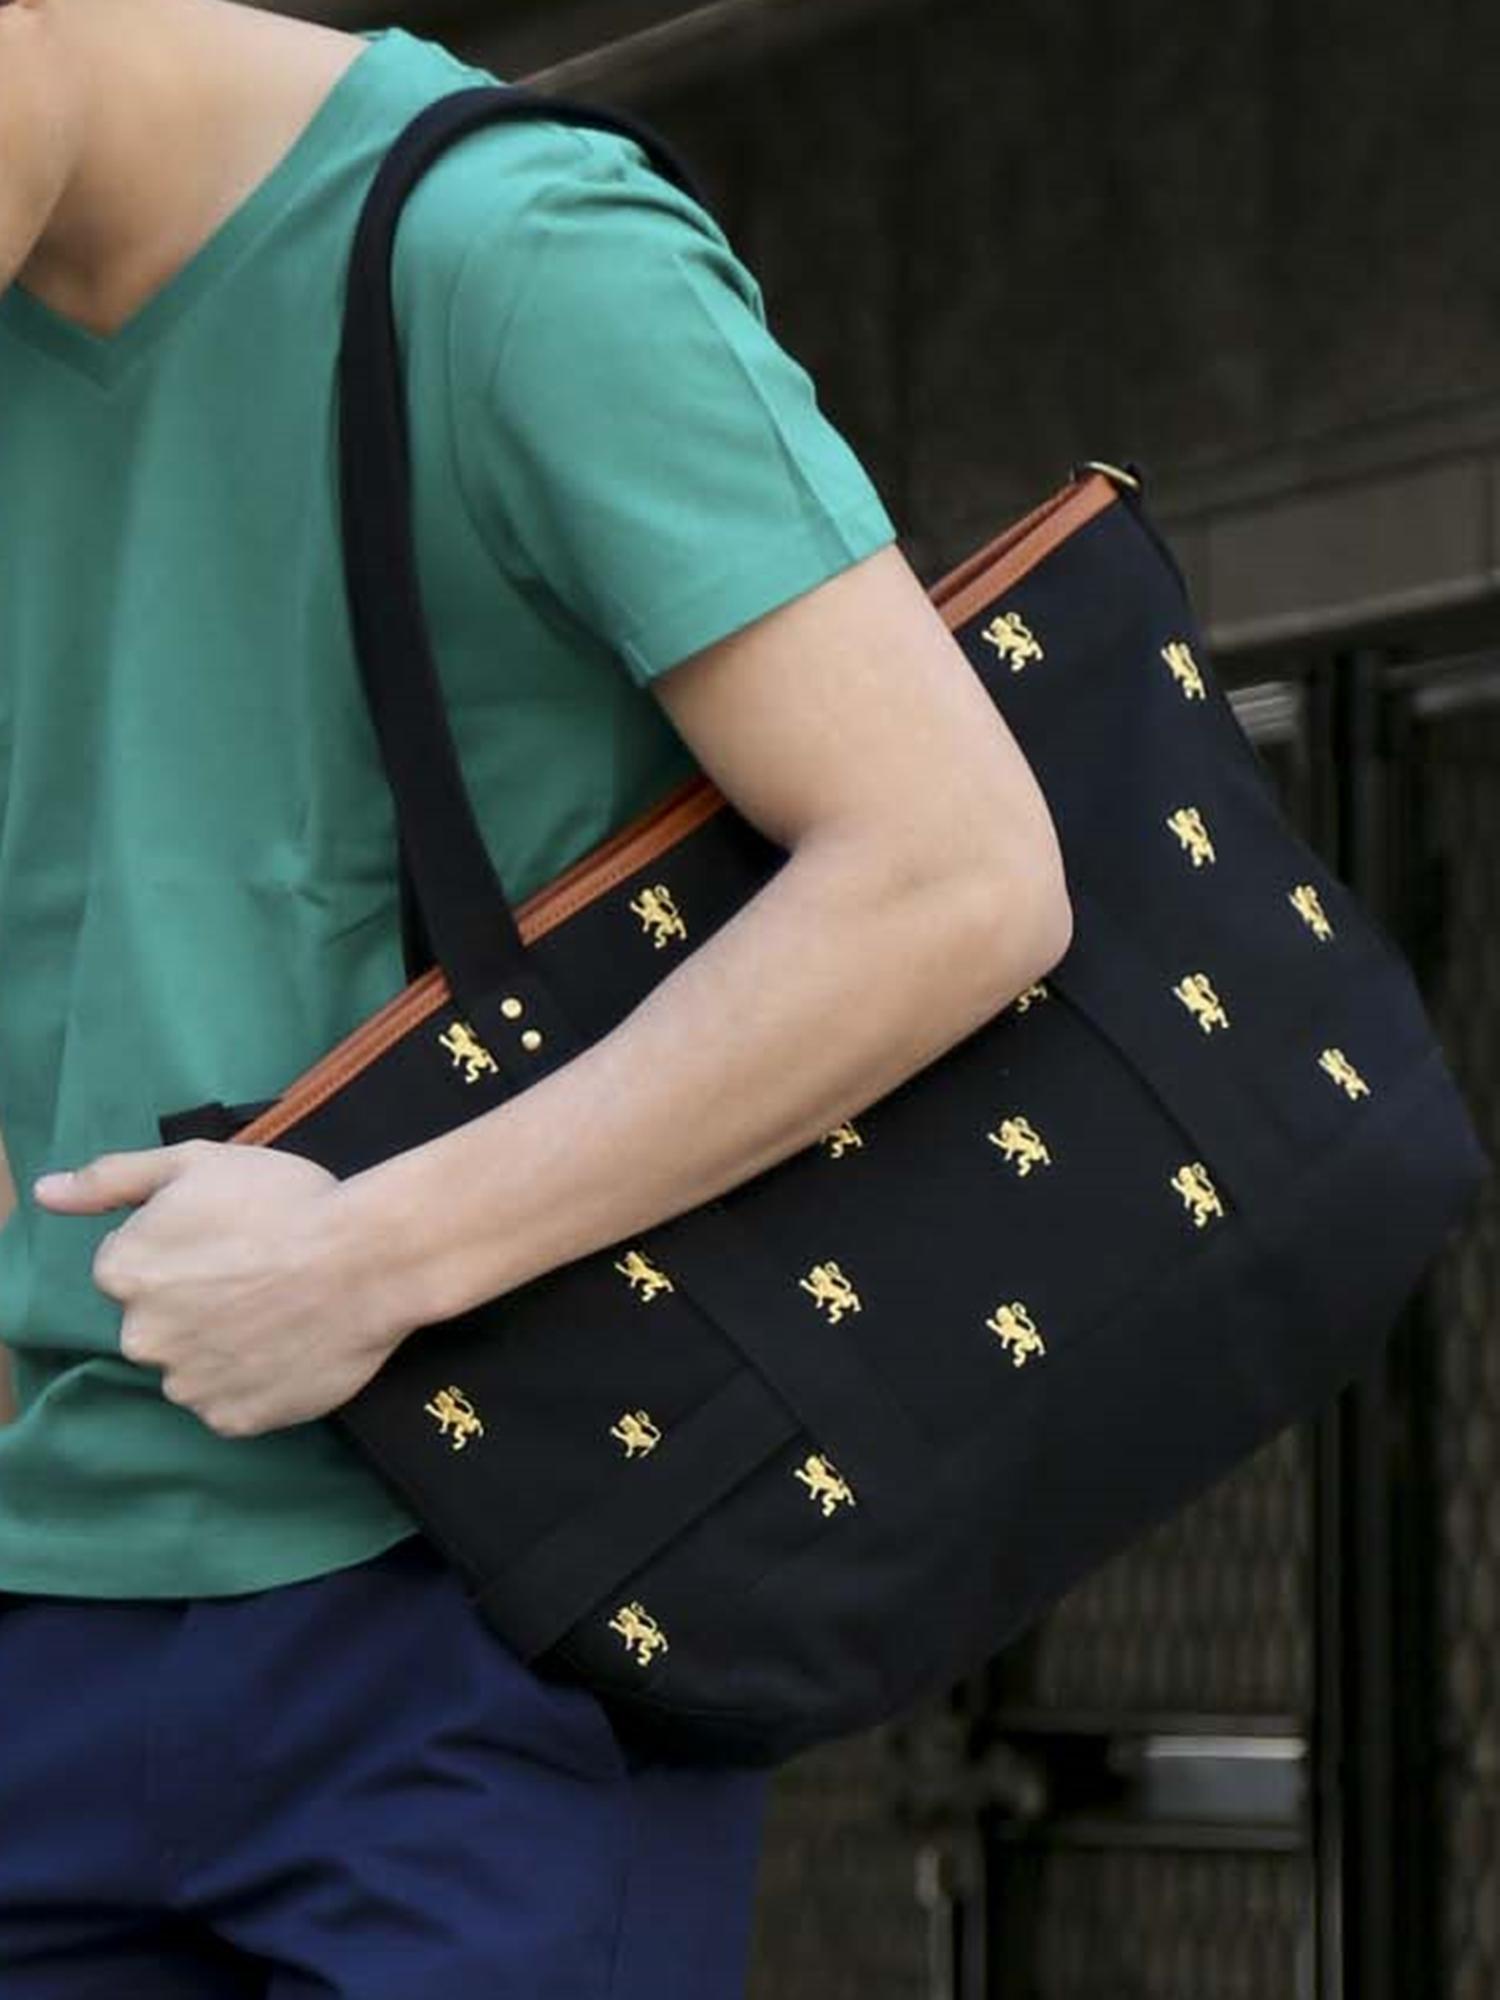 [ギフトにおすすめ]男女兼用ライオン総柄刺繍キャンバストートバッグ